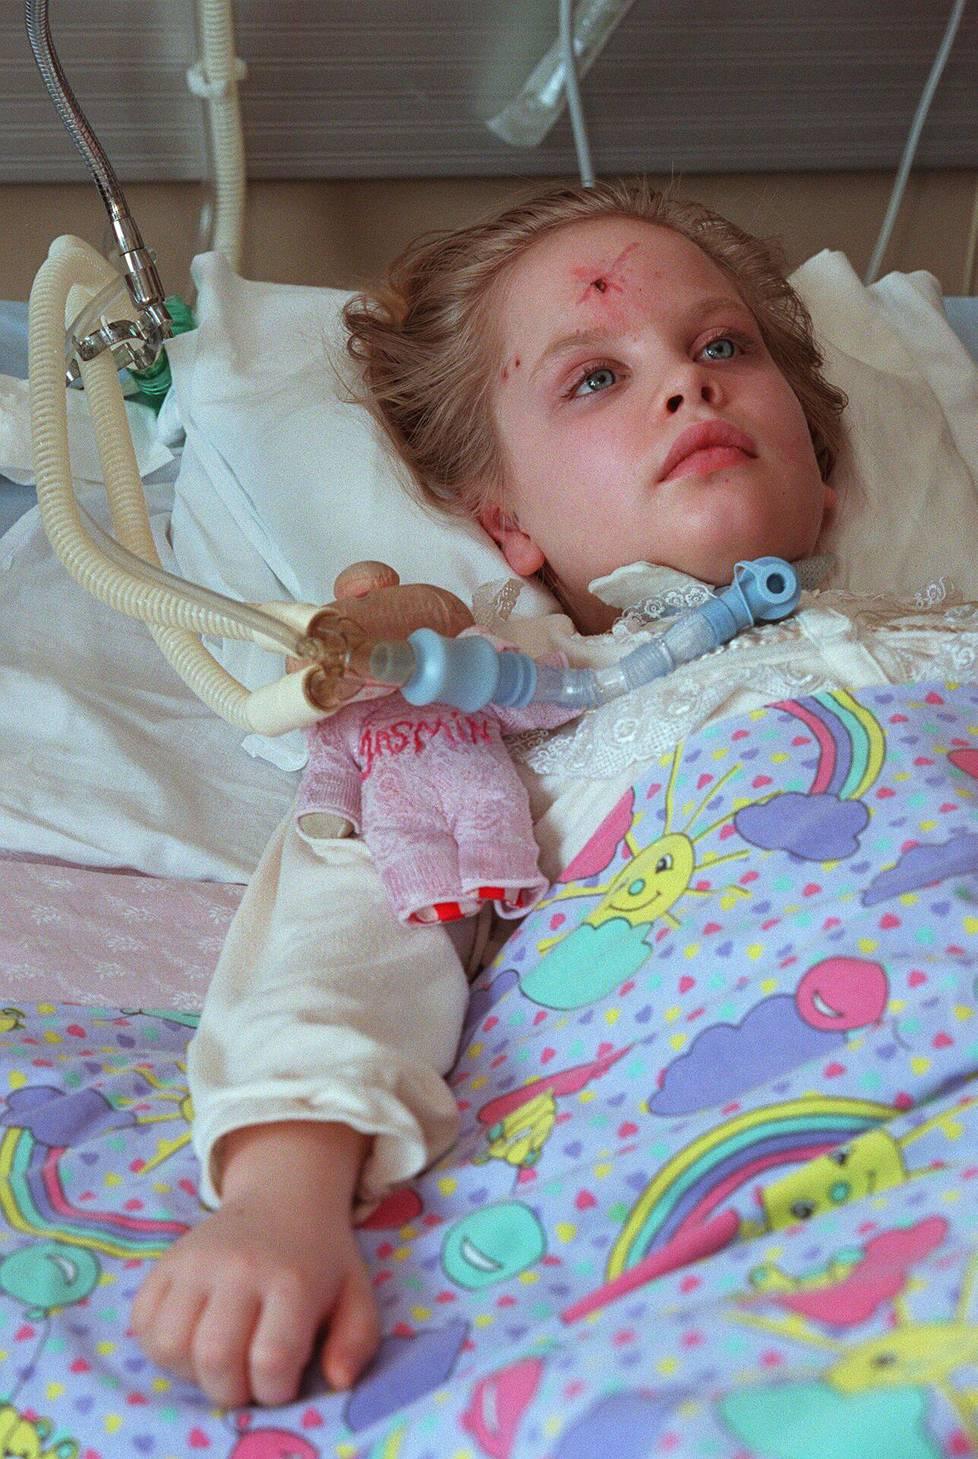 Jasmin halvaantui 8-vuotiaana suojatiellä tapahtuneessa onnettomuudessa.